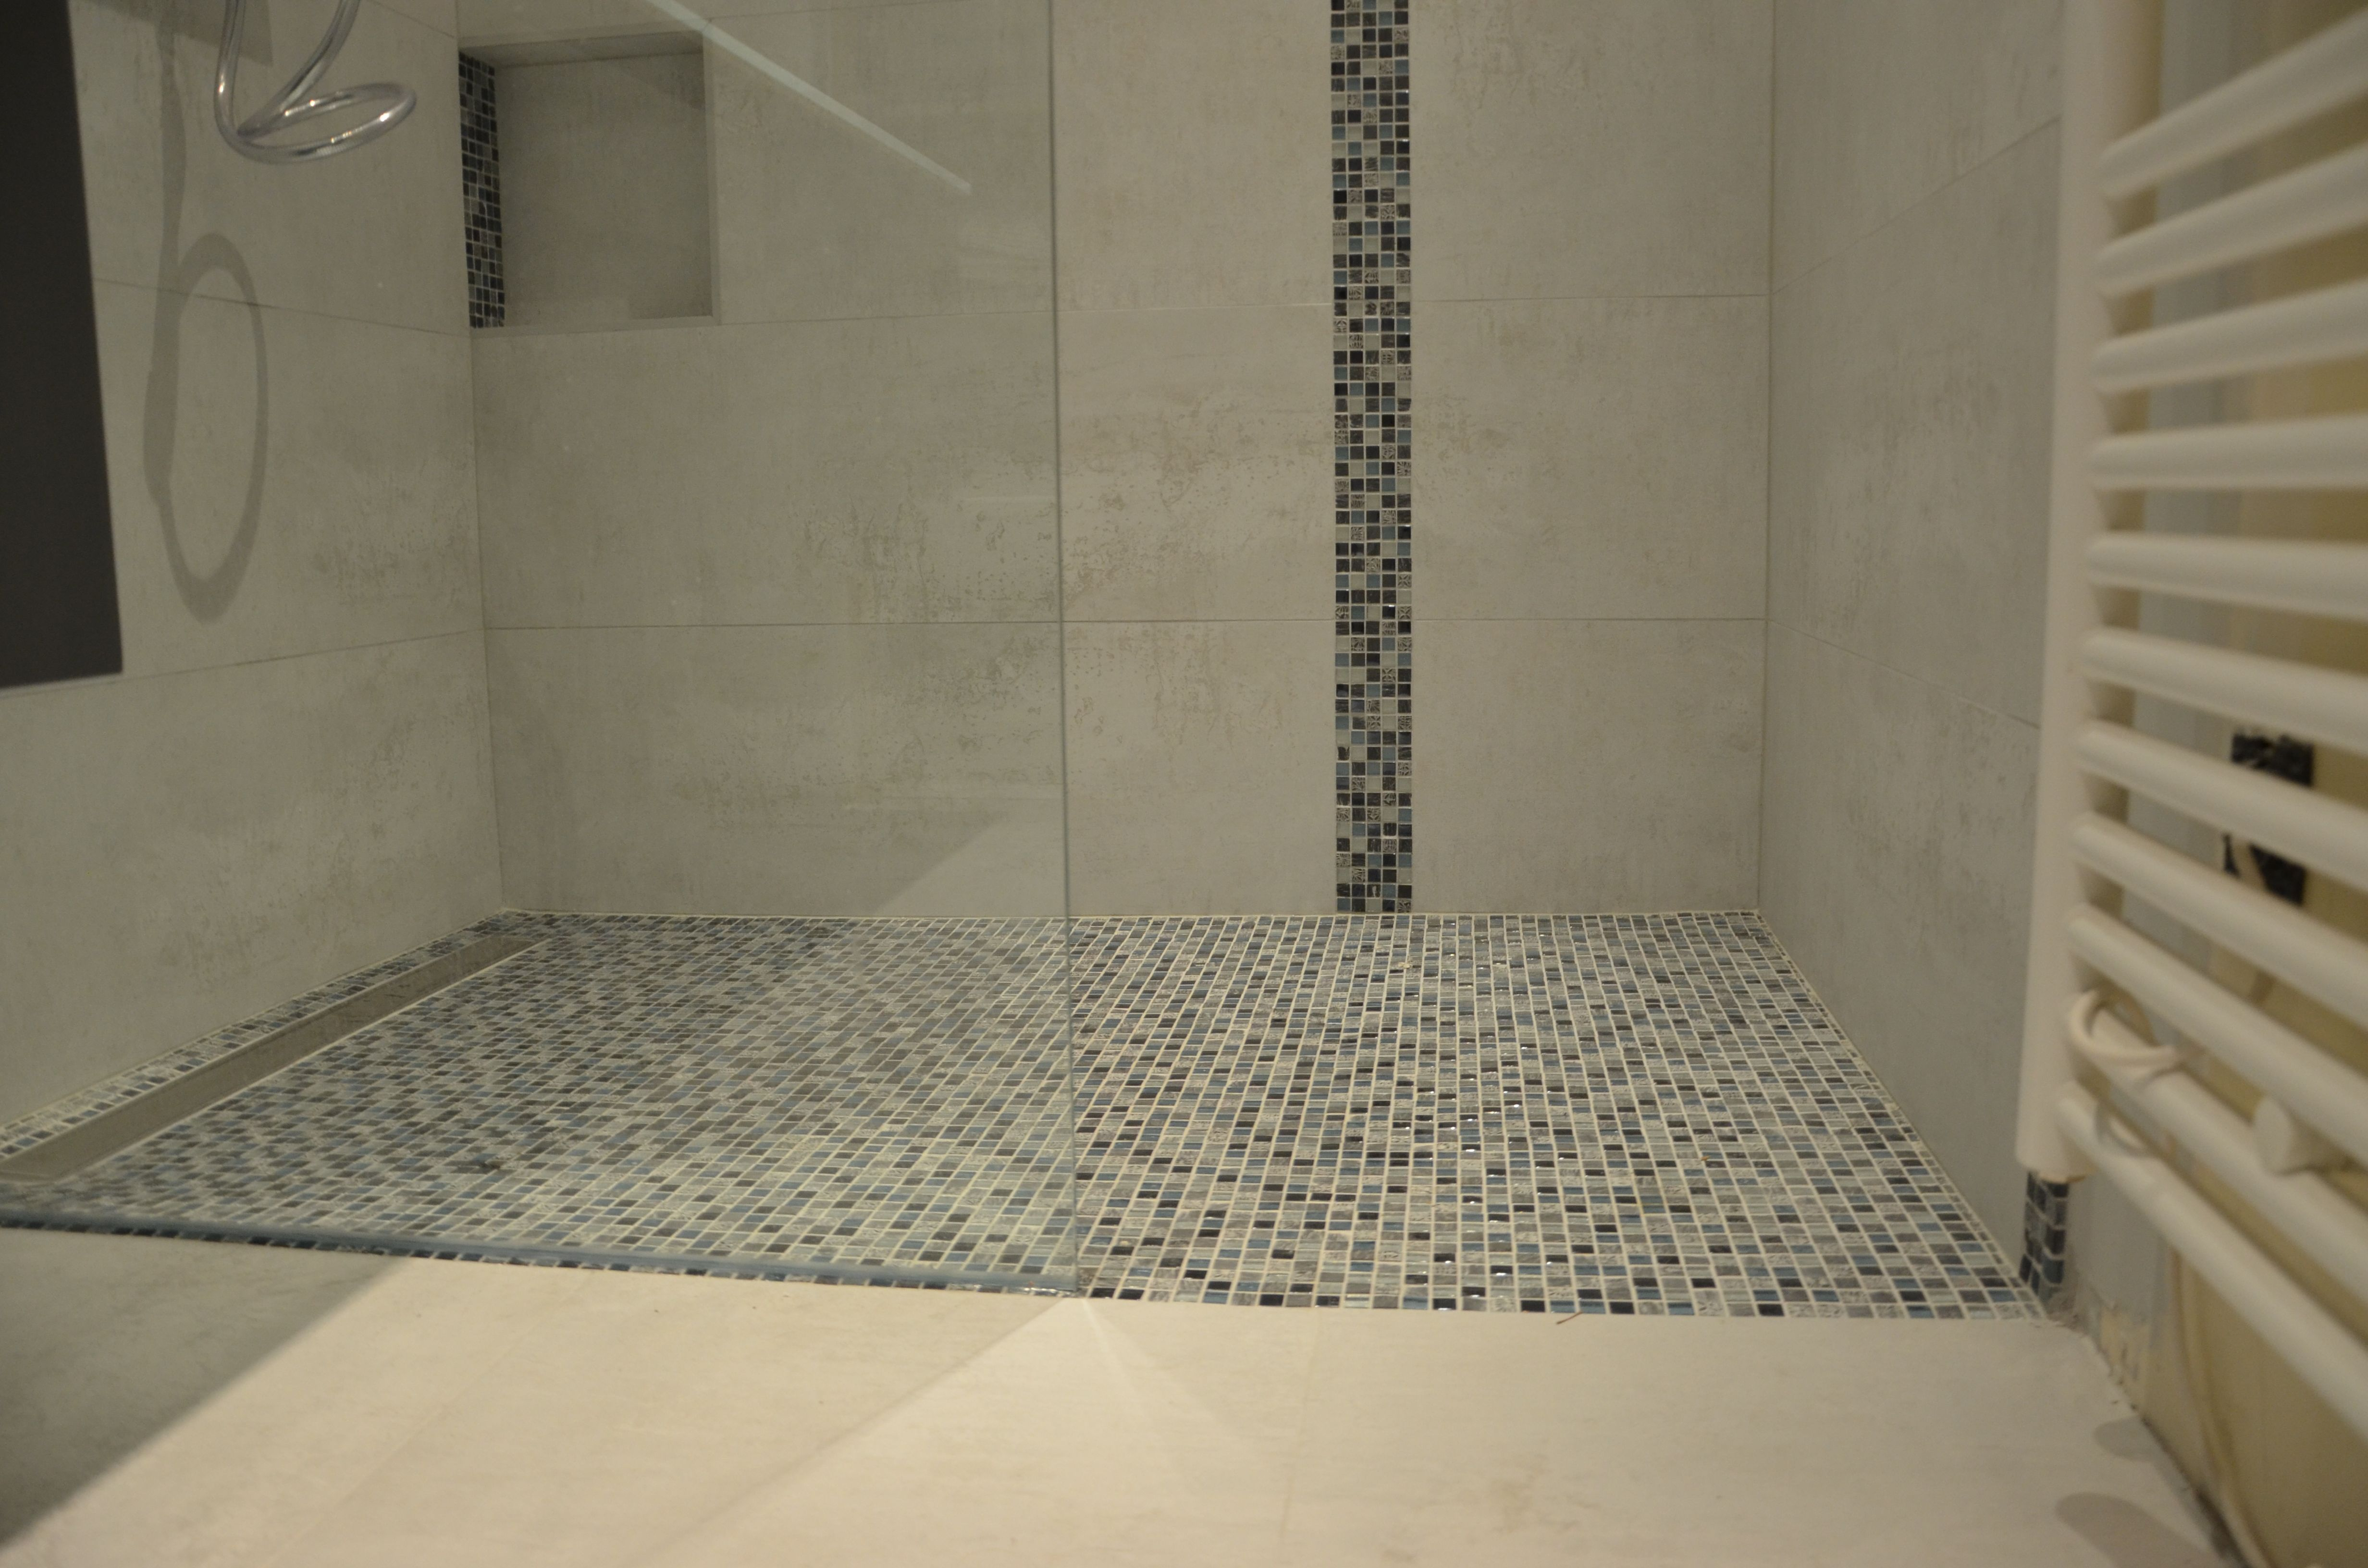 Carrelage mosaique pour douche a l'italienne